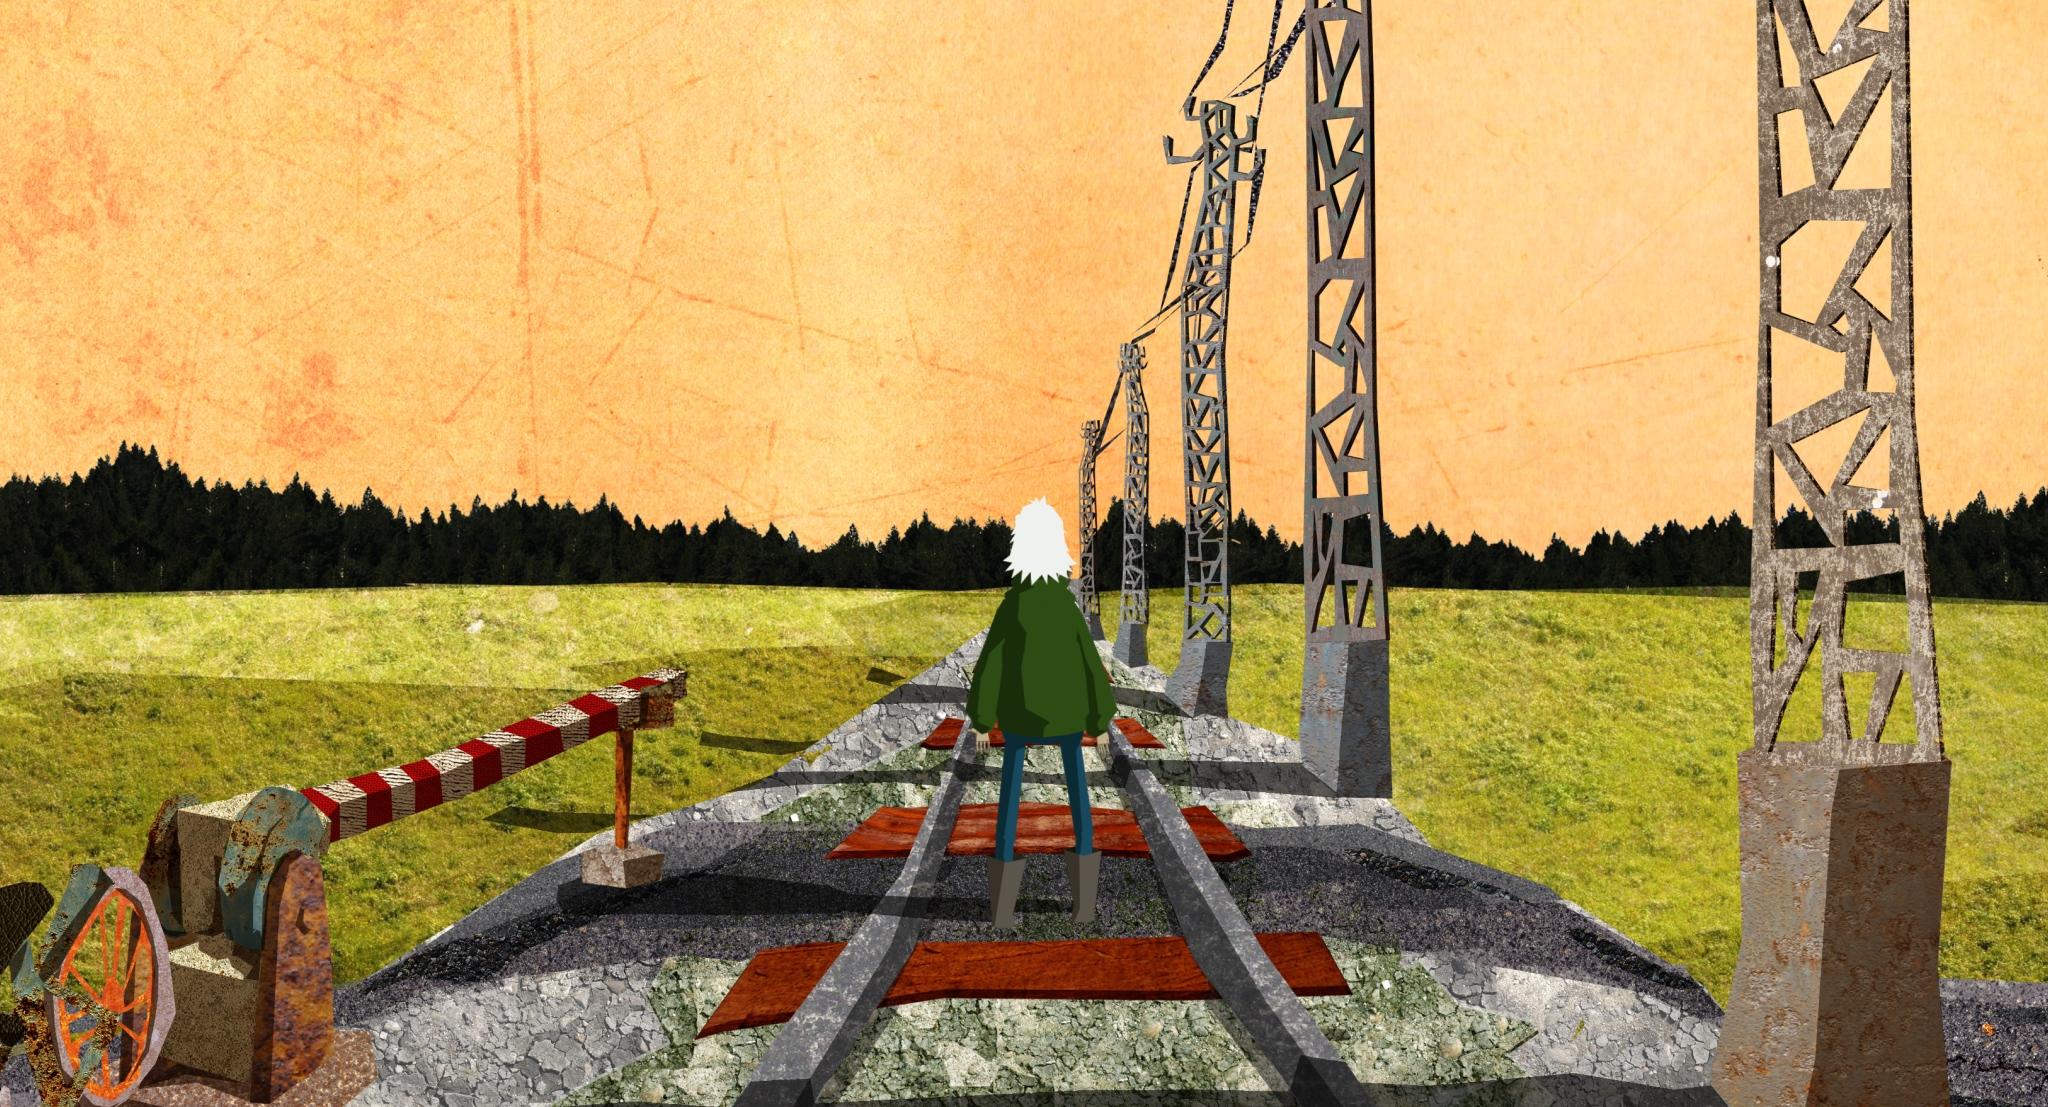 lagarde-barriere_hd3.jpg